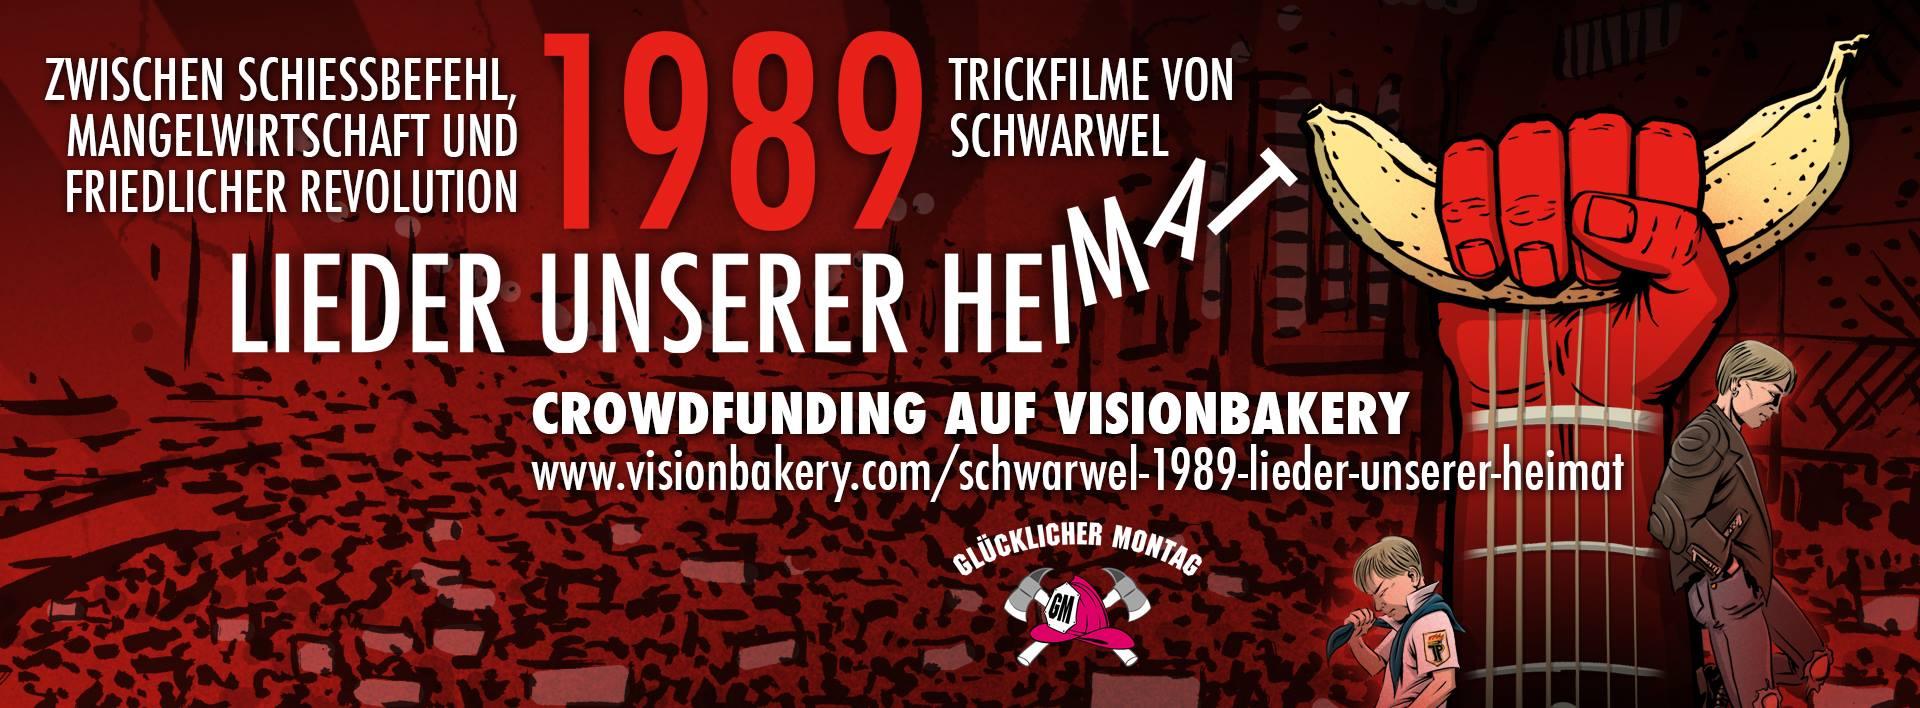 Interview Mit Schwarwel Zu Unseren Neuen Trcikfilmen Lieder Unserer Heimat Schwarwel De